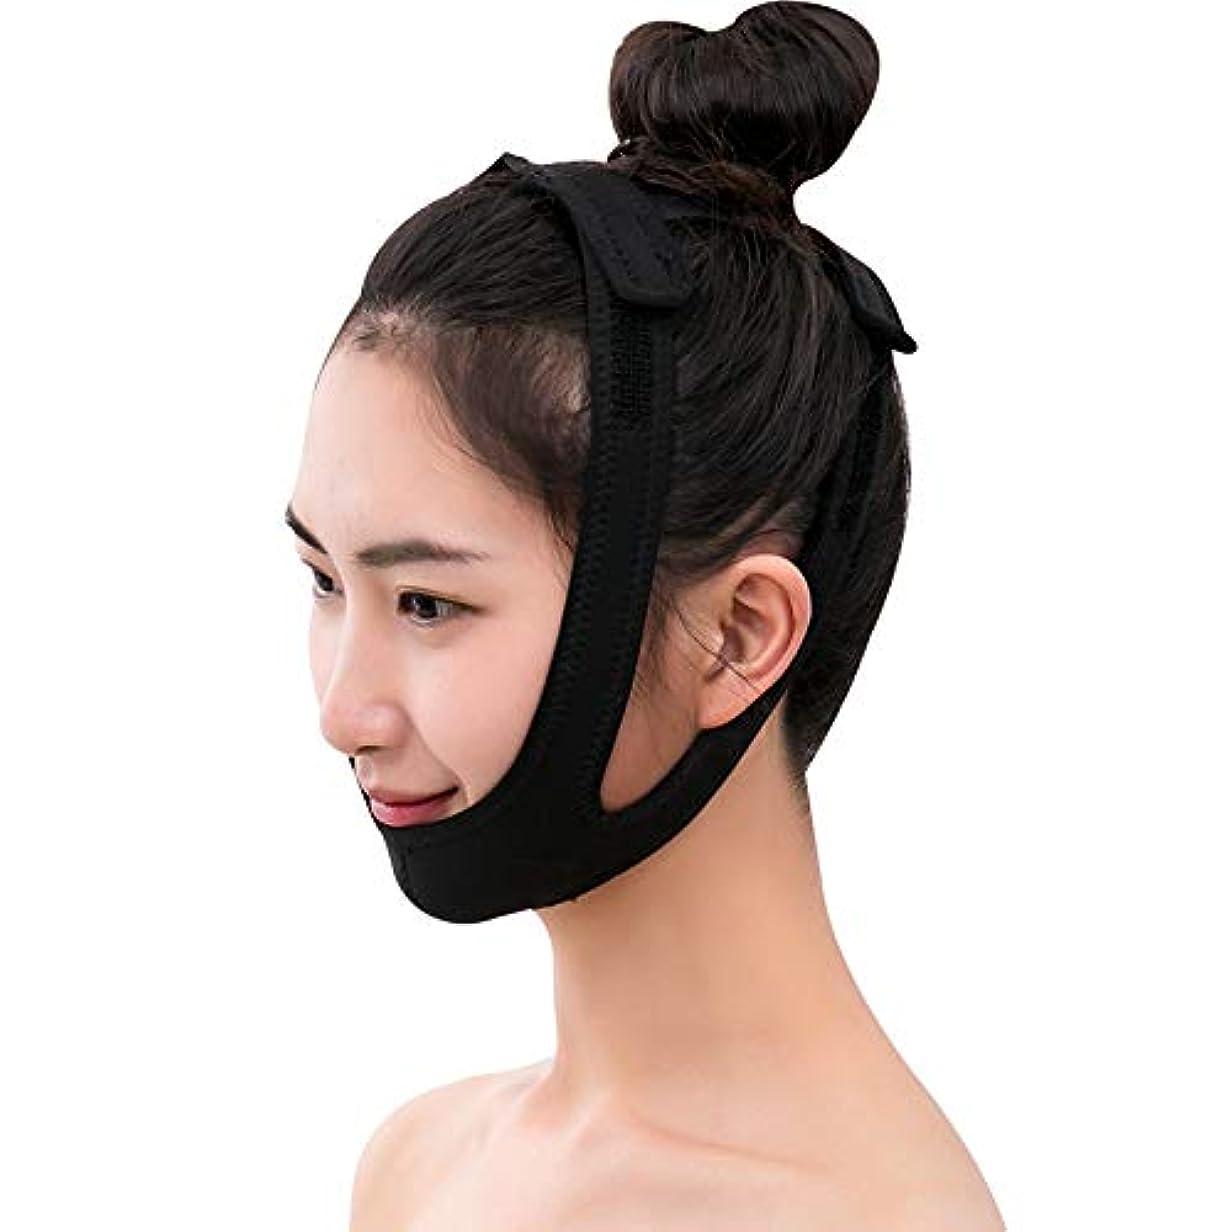 通知始まり蘇生するフェイシャルリフティング痩身ベルト圧縮二重あご減量ベルトスキンケア薄い顔包帯二重あごワークアウト